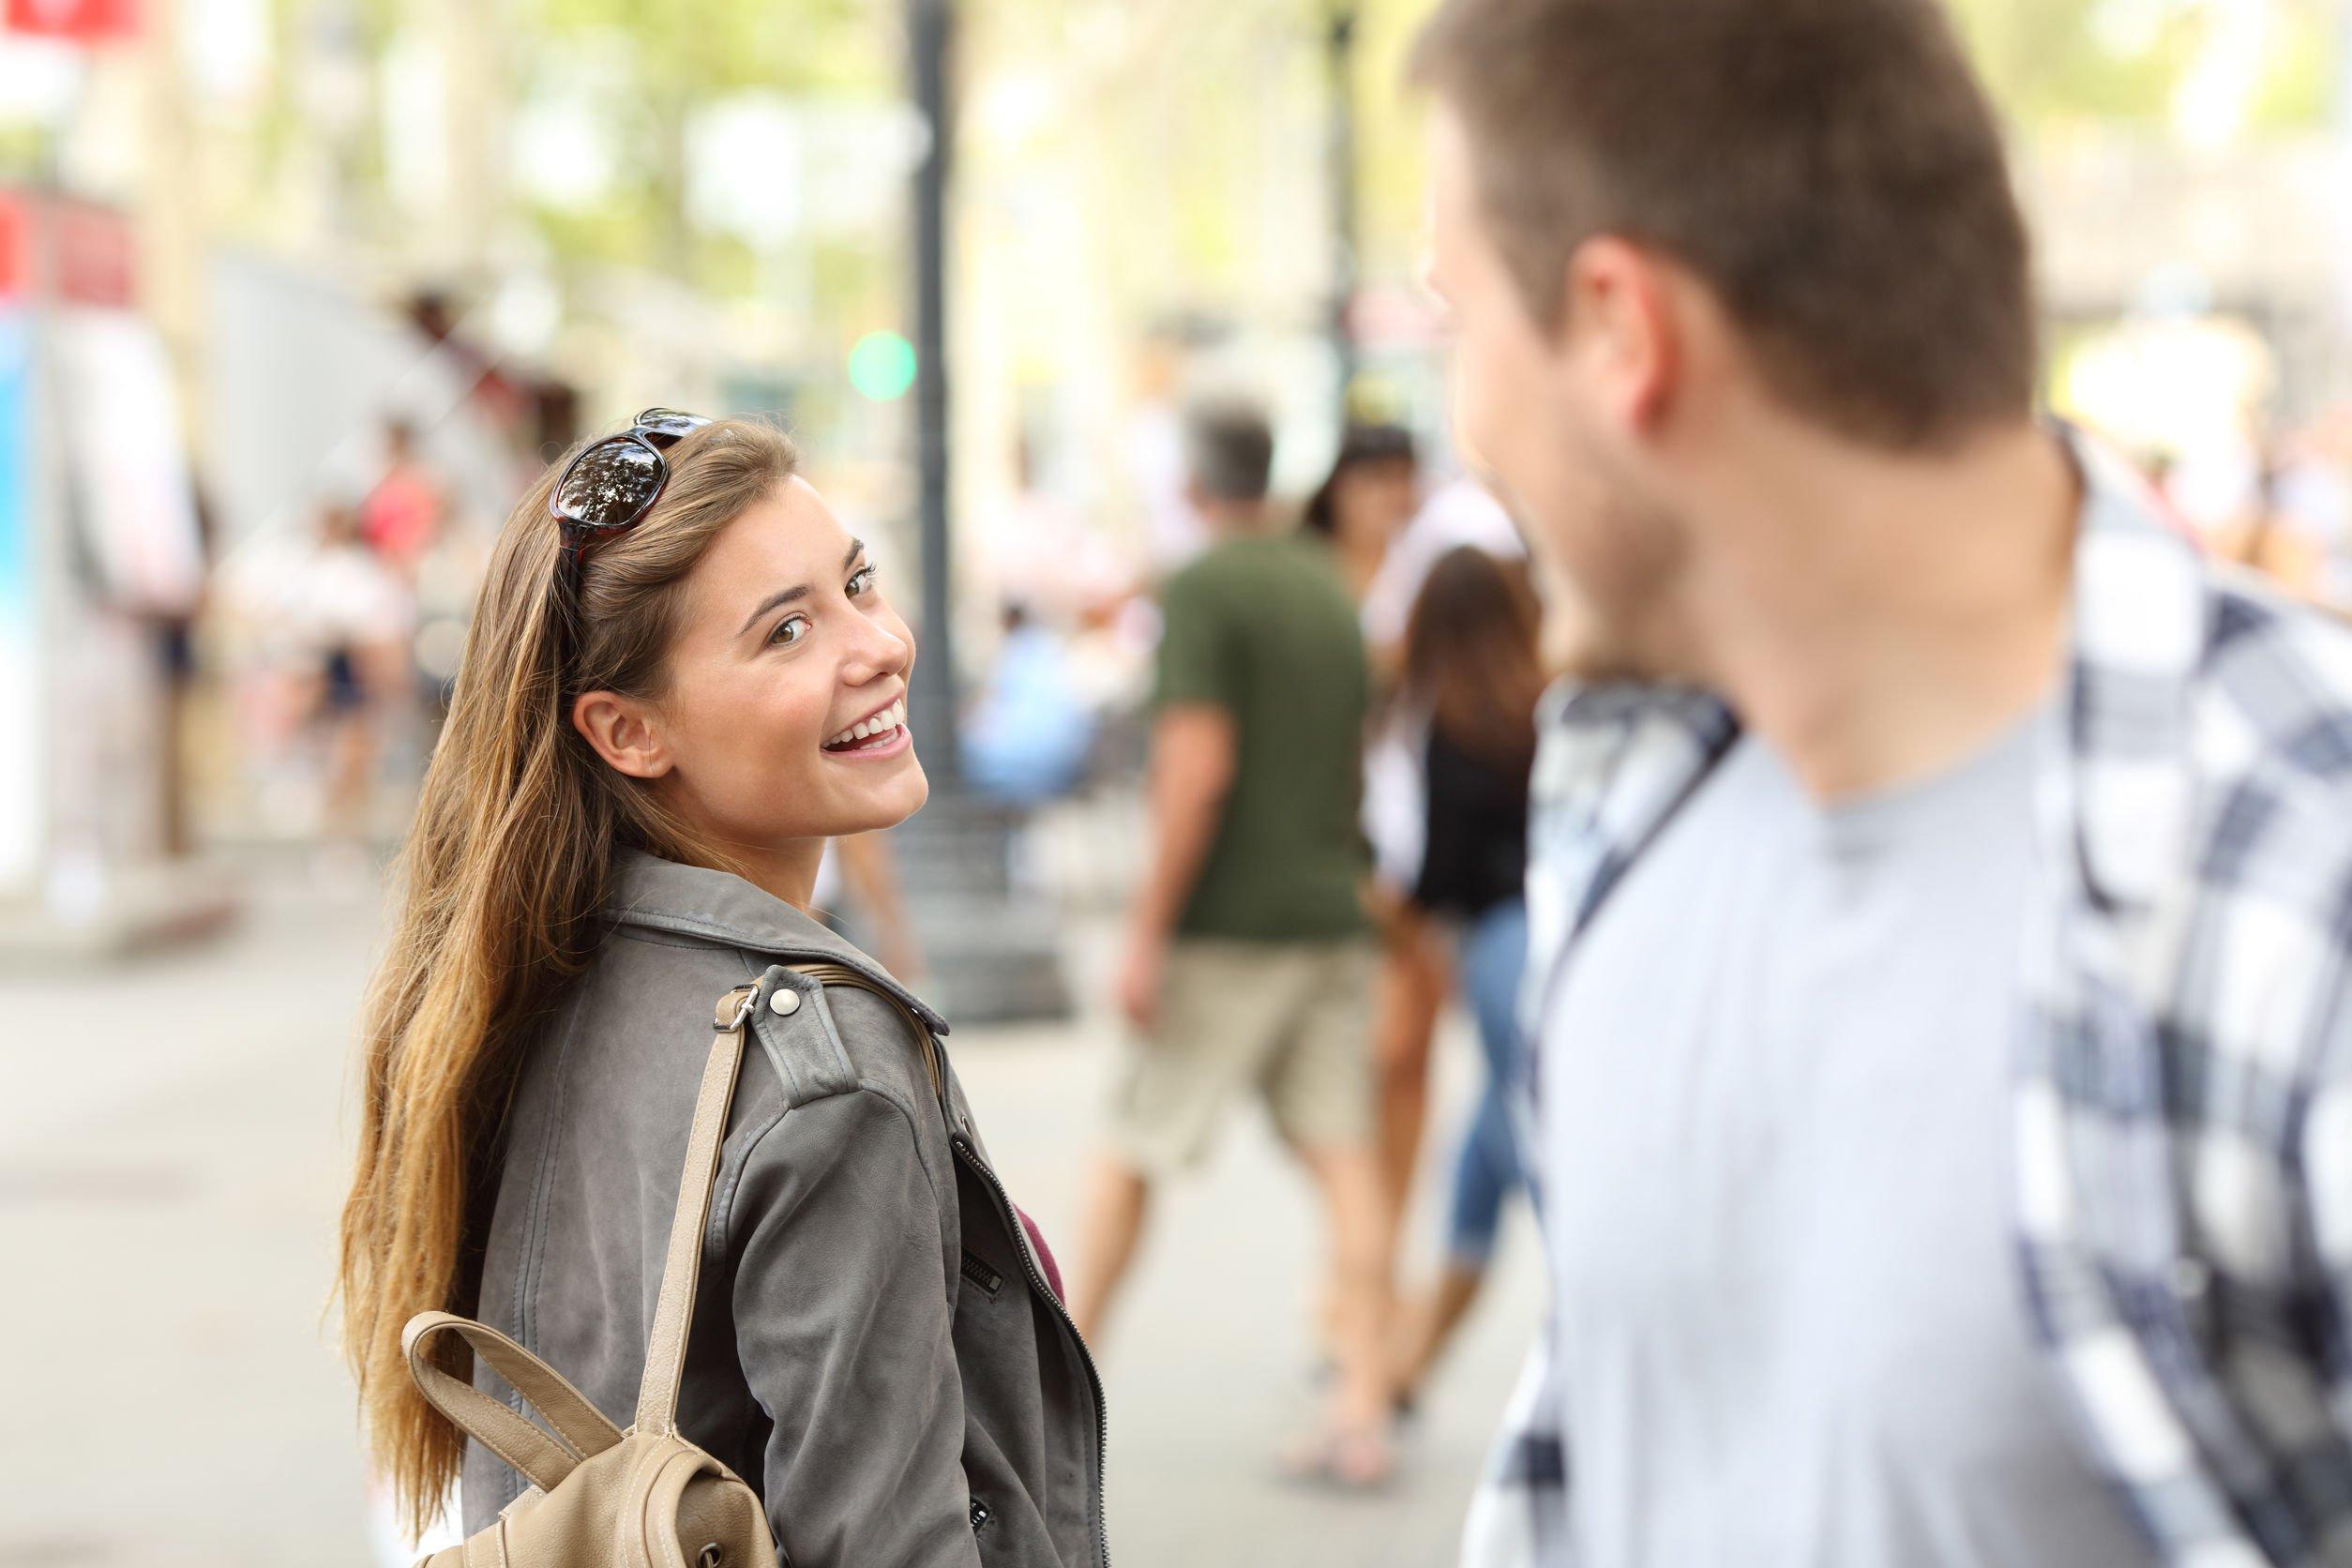 Frases Engraçadas Sobre Solteiros Rir é O Melhor Remédio